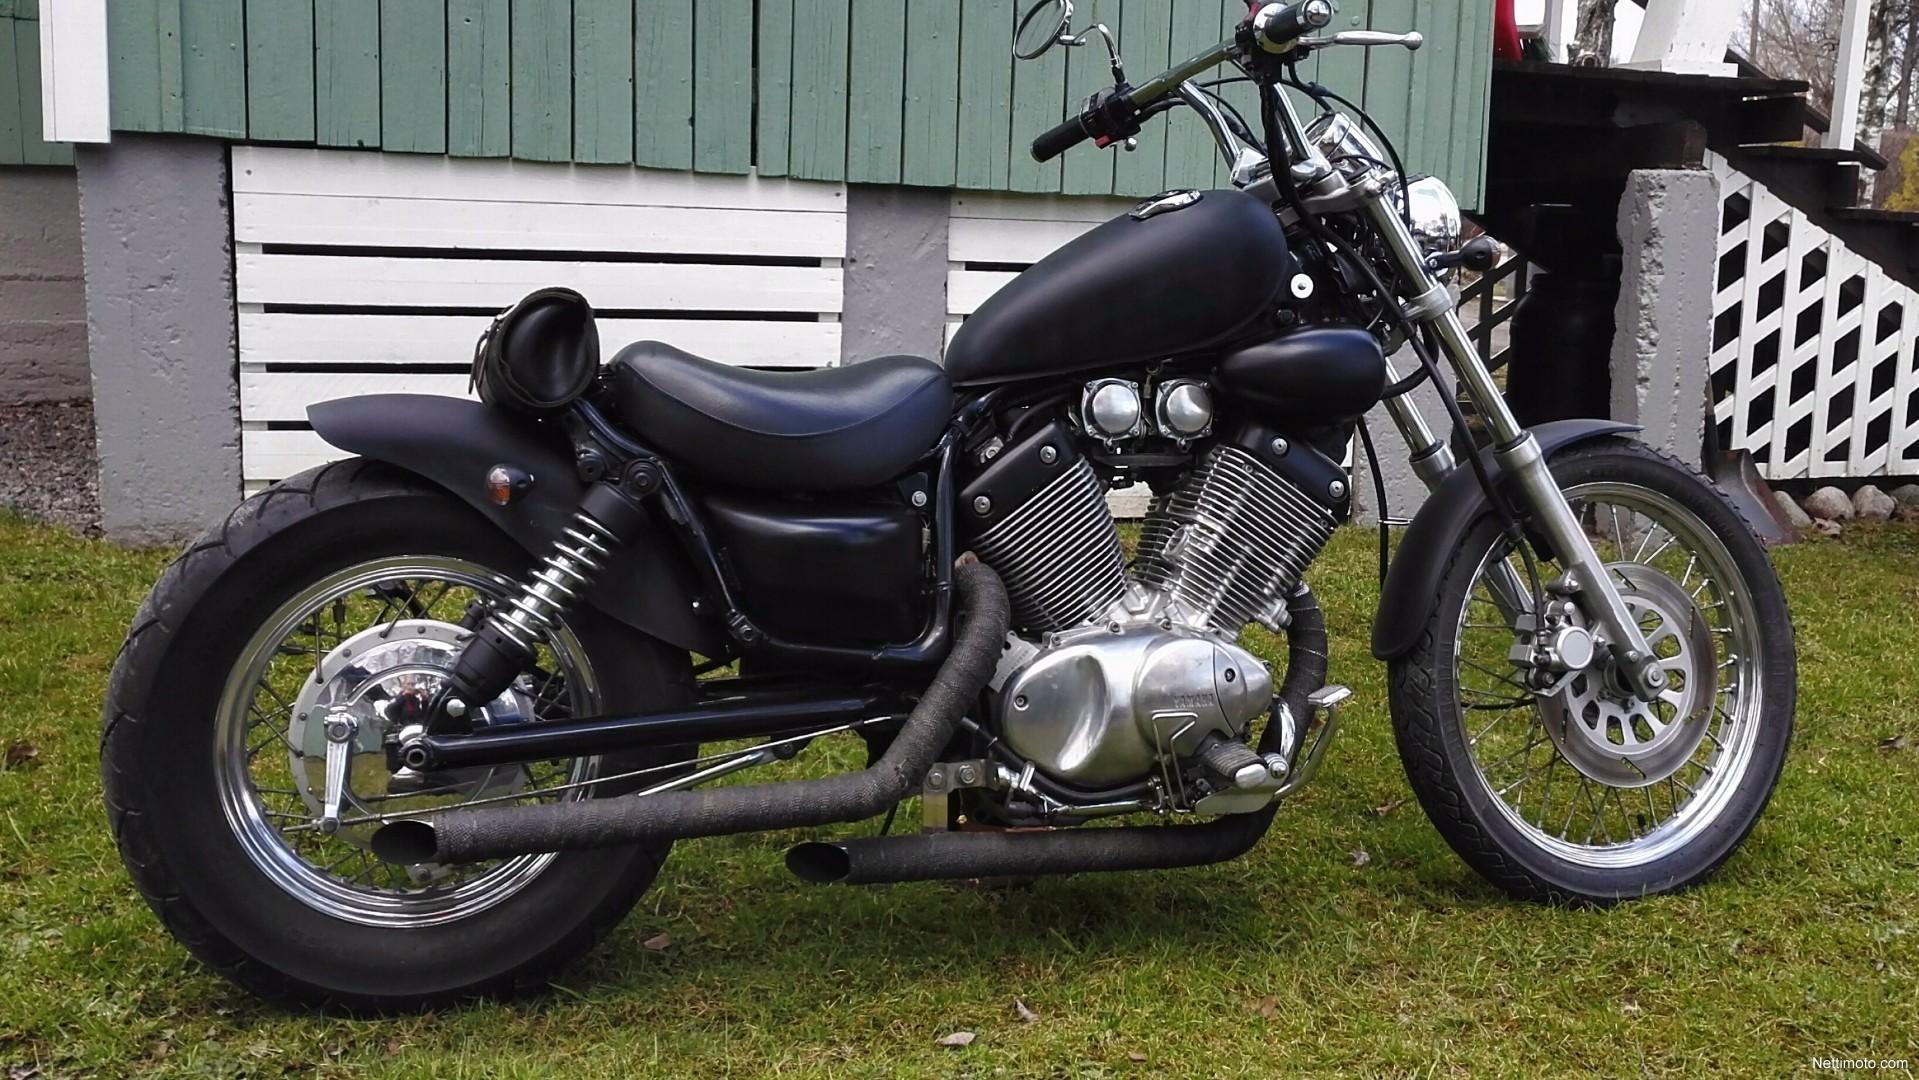 Yamaha XV 535 Virago 500 cm³ 1991 - Tuusula - Motorcycle - Nettimoto